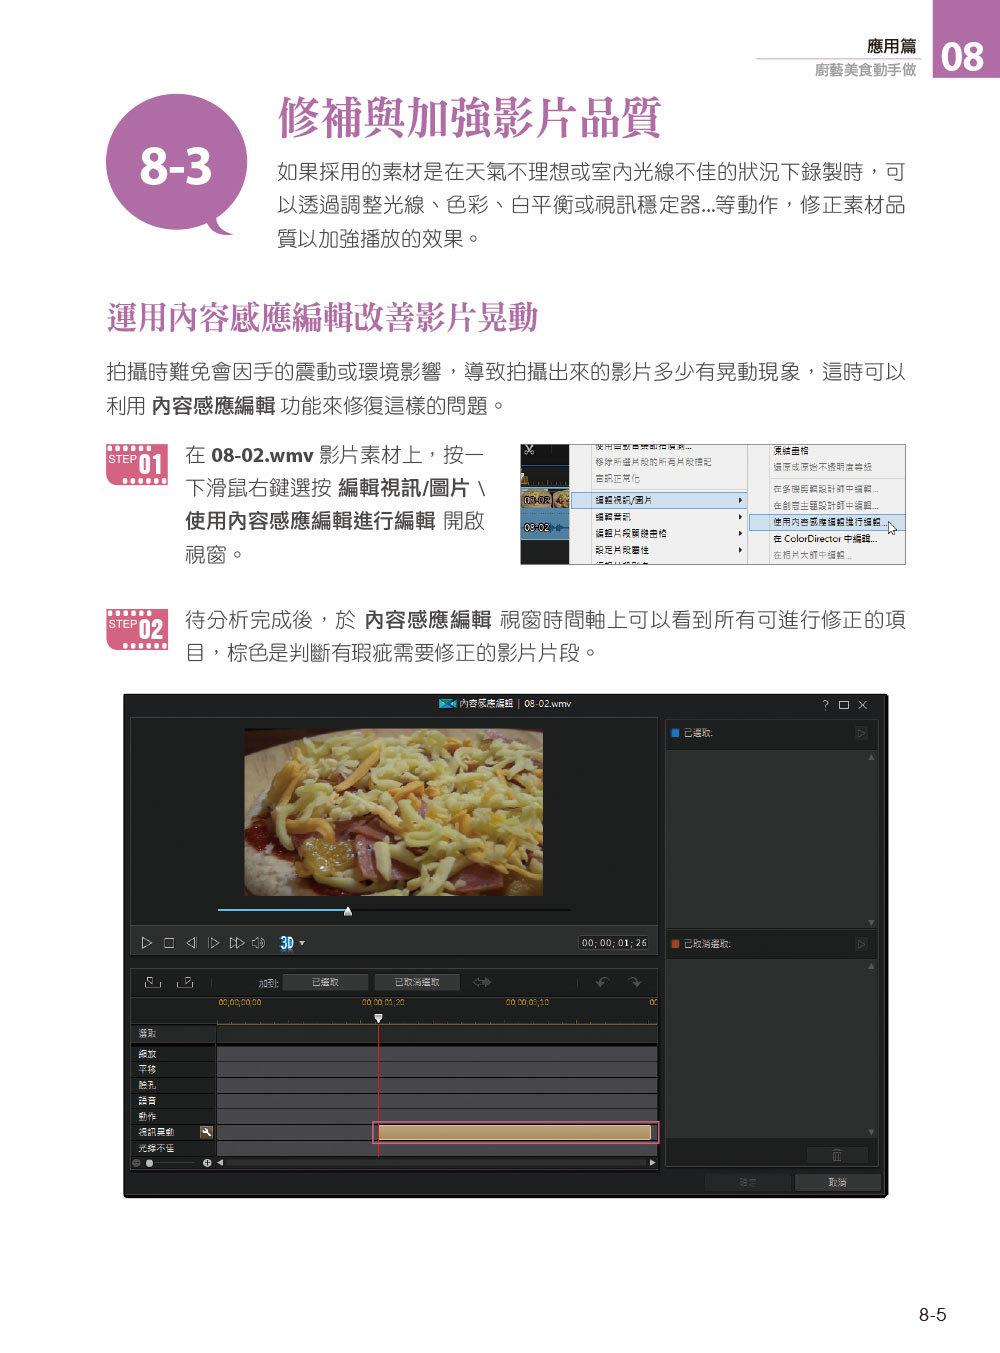 快快樂樂學威力導演15 - 影片/MV剪輯活用情報特蒐-preview-8